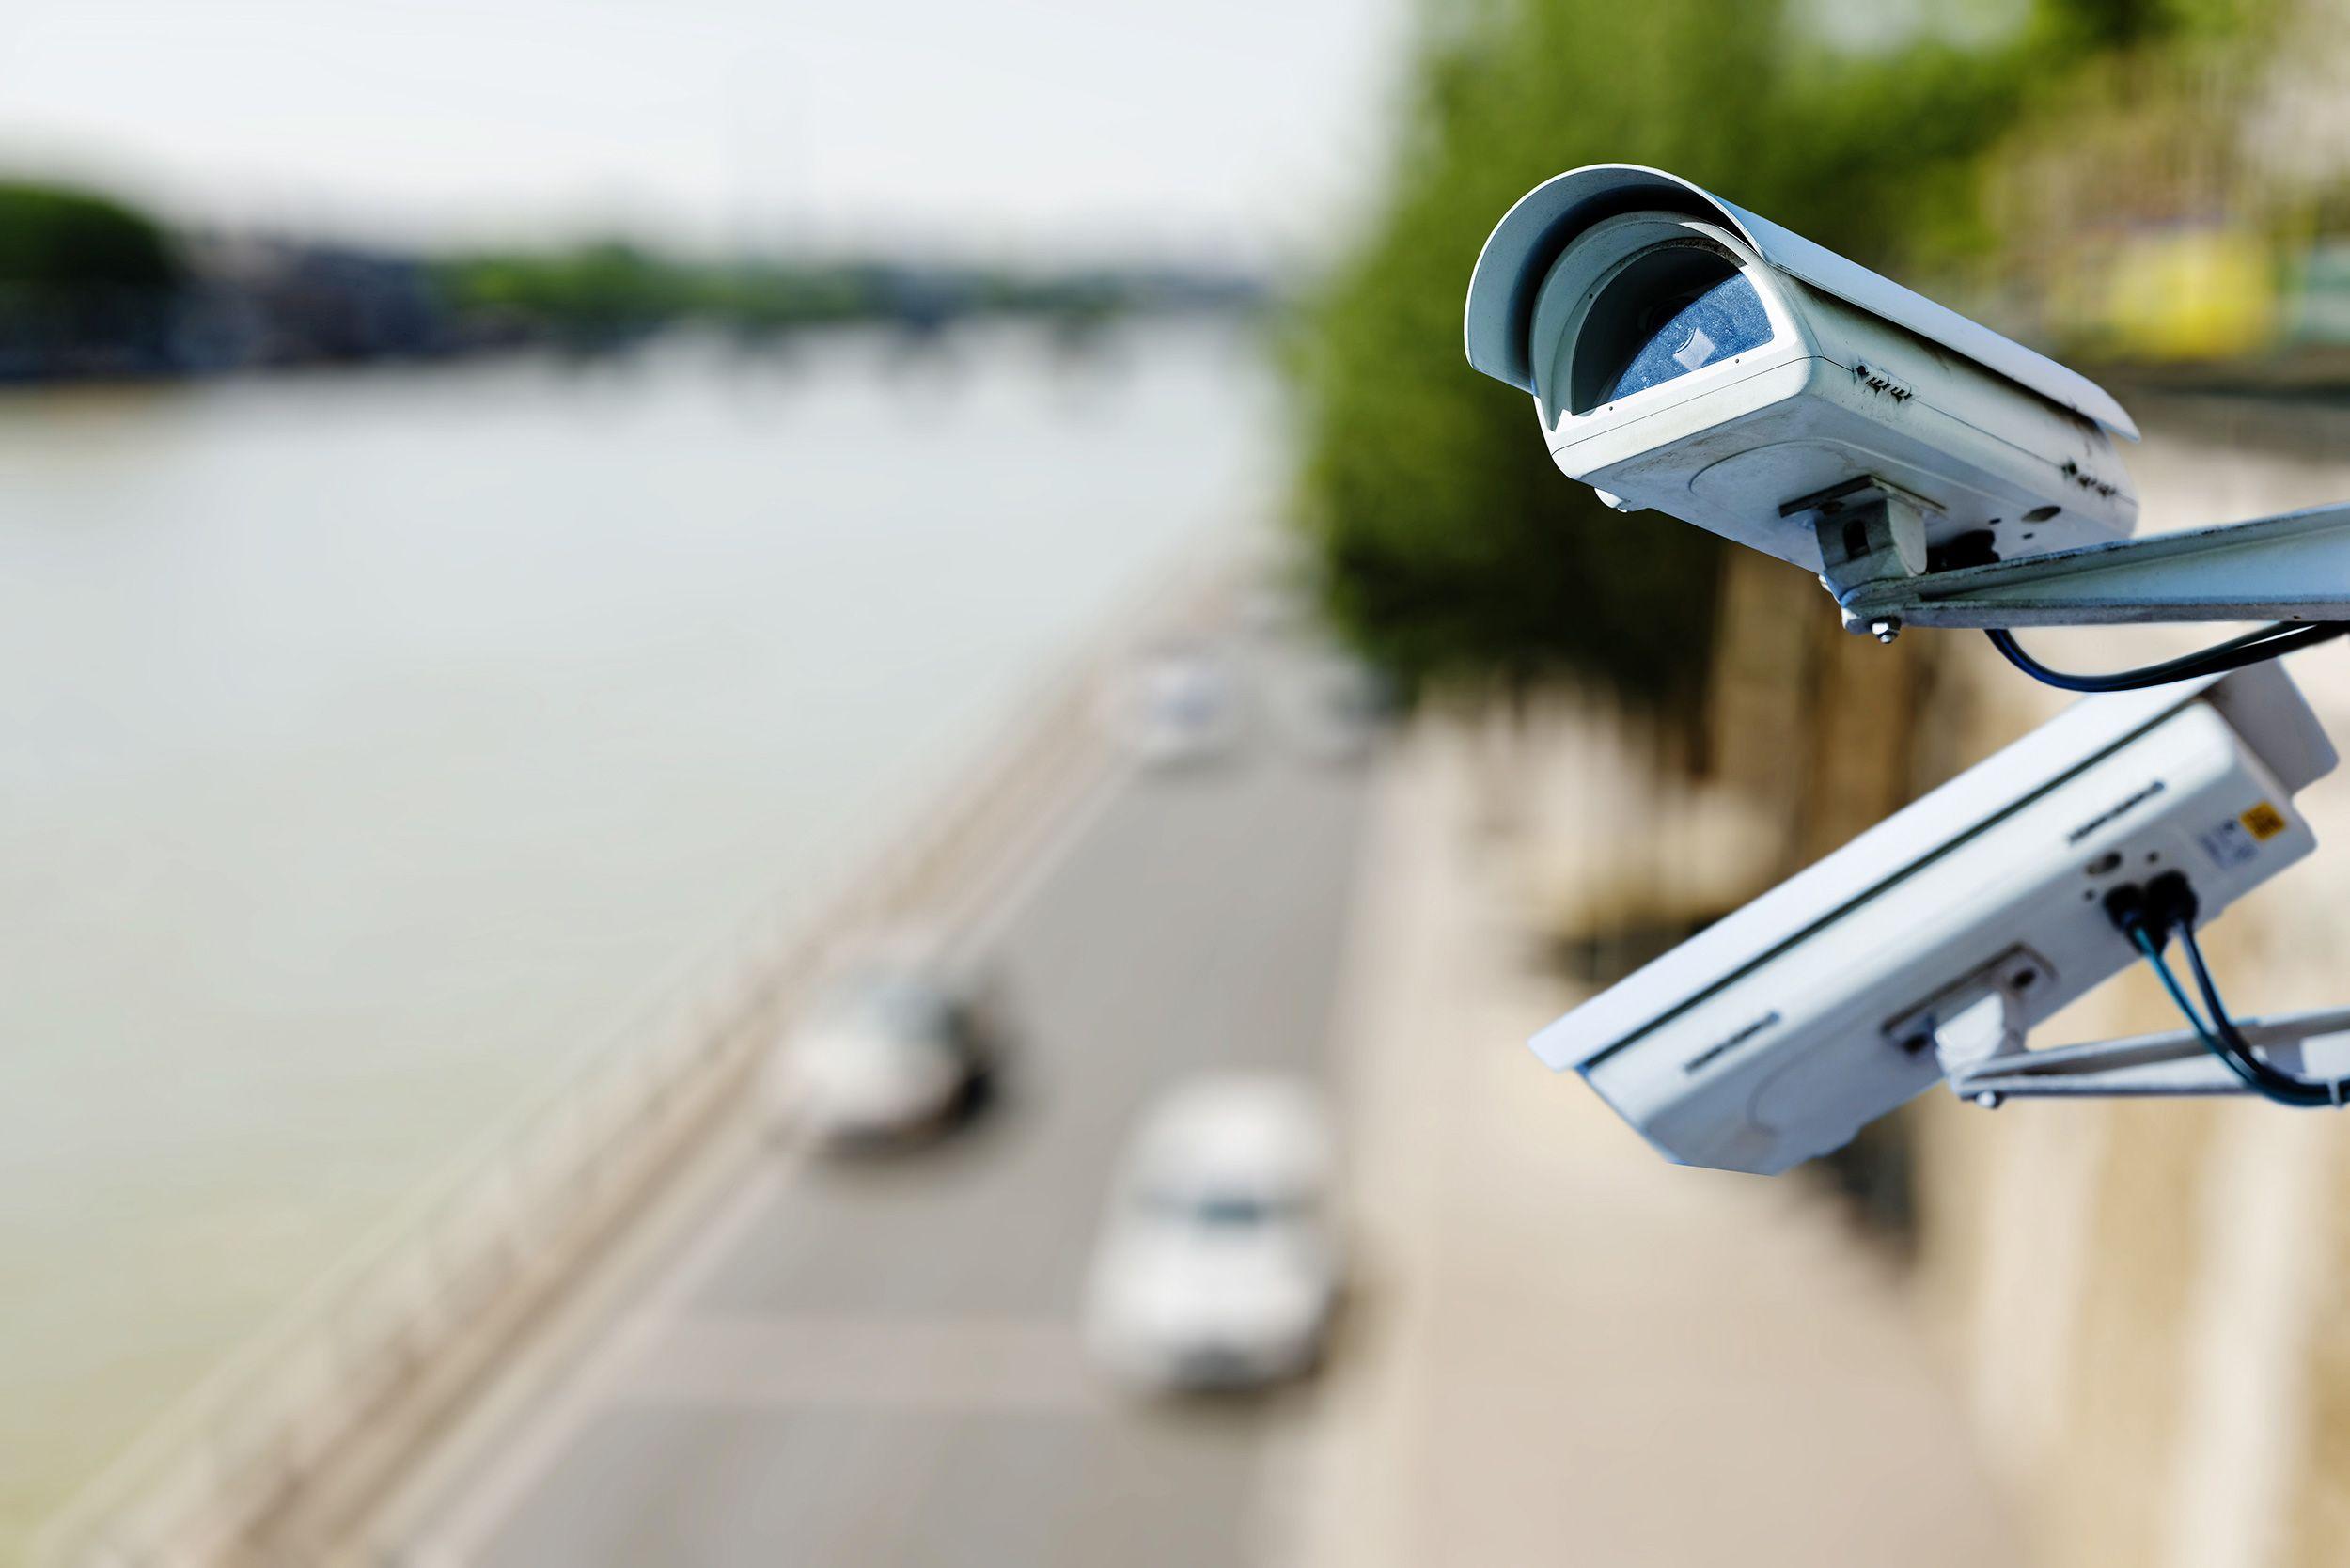 Telecamere mobili per le Polizie locali - finanziamento regionale per l'acquisto (anche di bodycam) - Associazioni di Enti